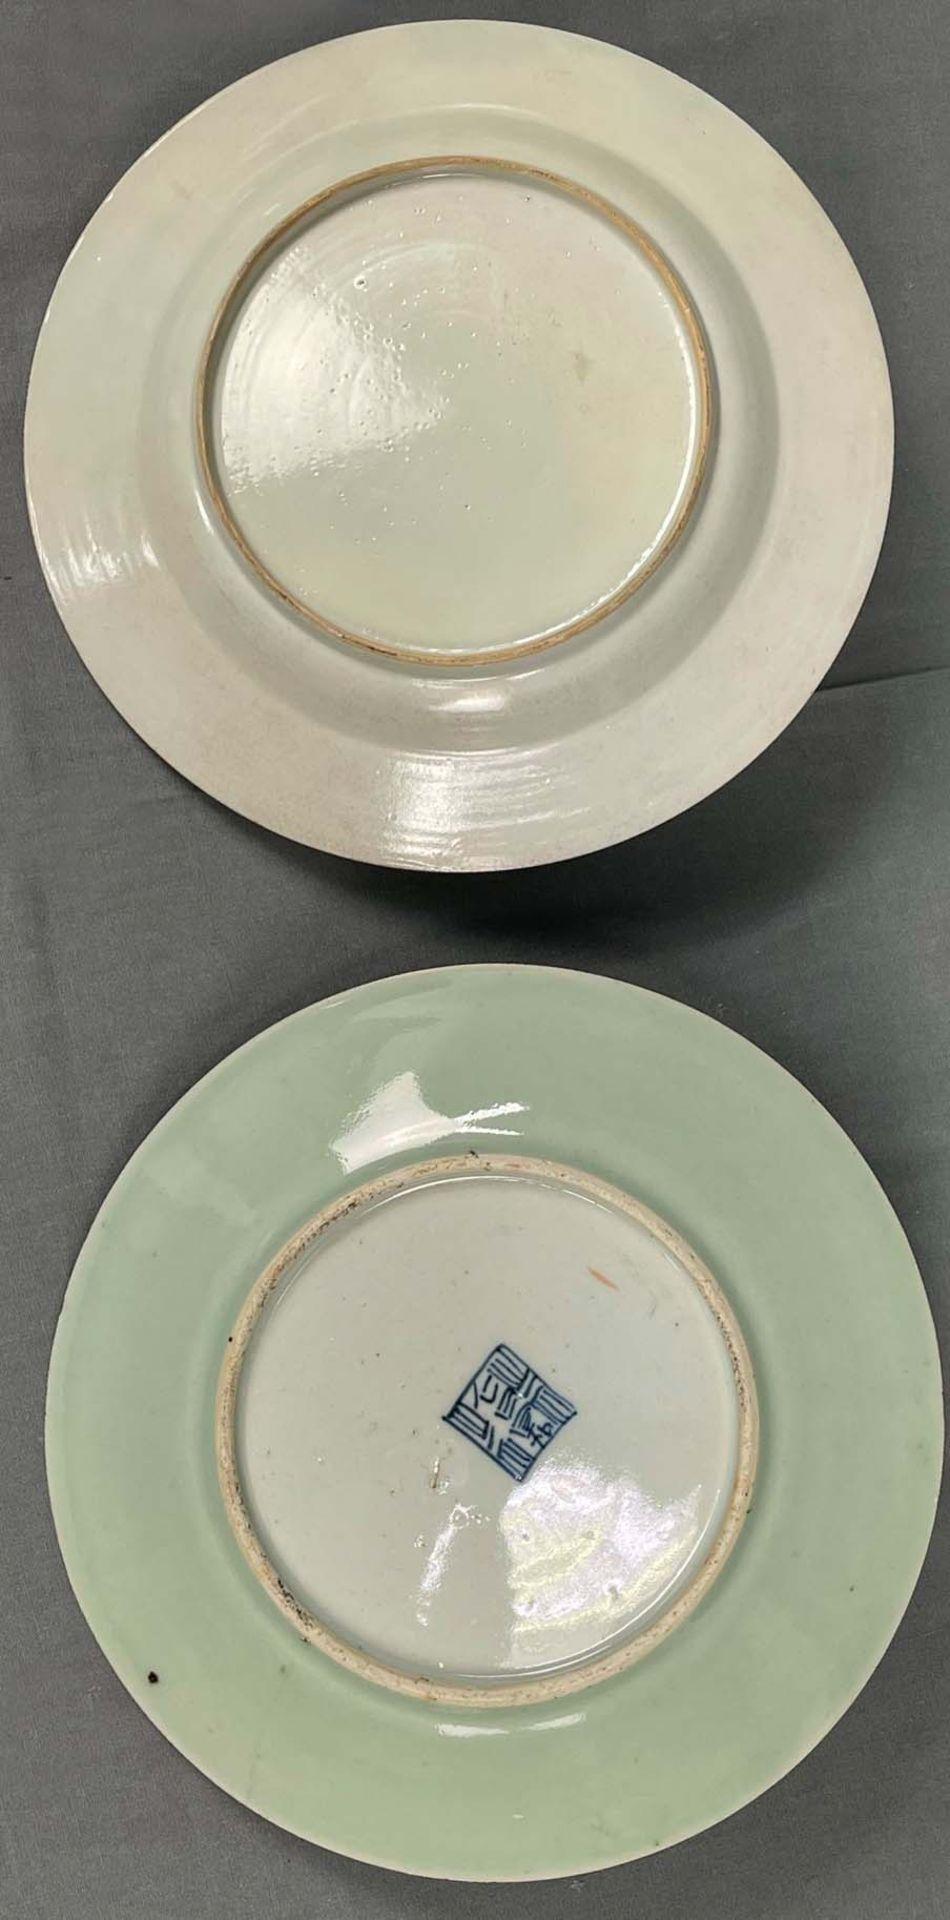 2 Platten. Porzellan. Wohl China antik. - Image 2 of 16